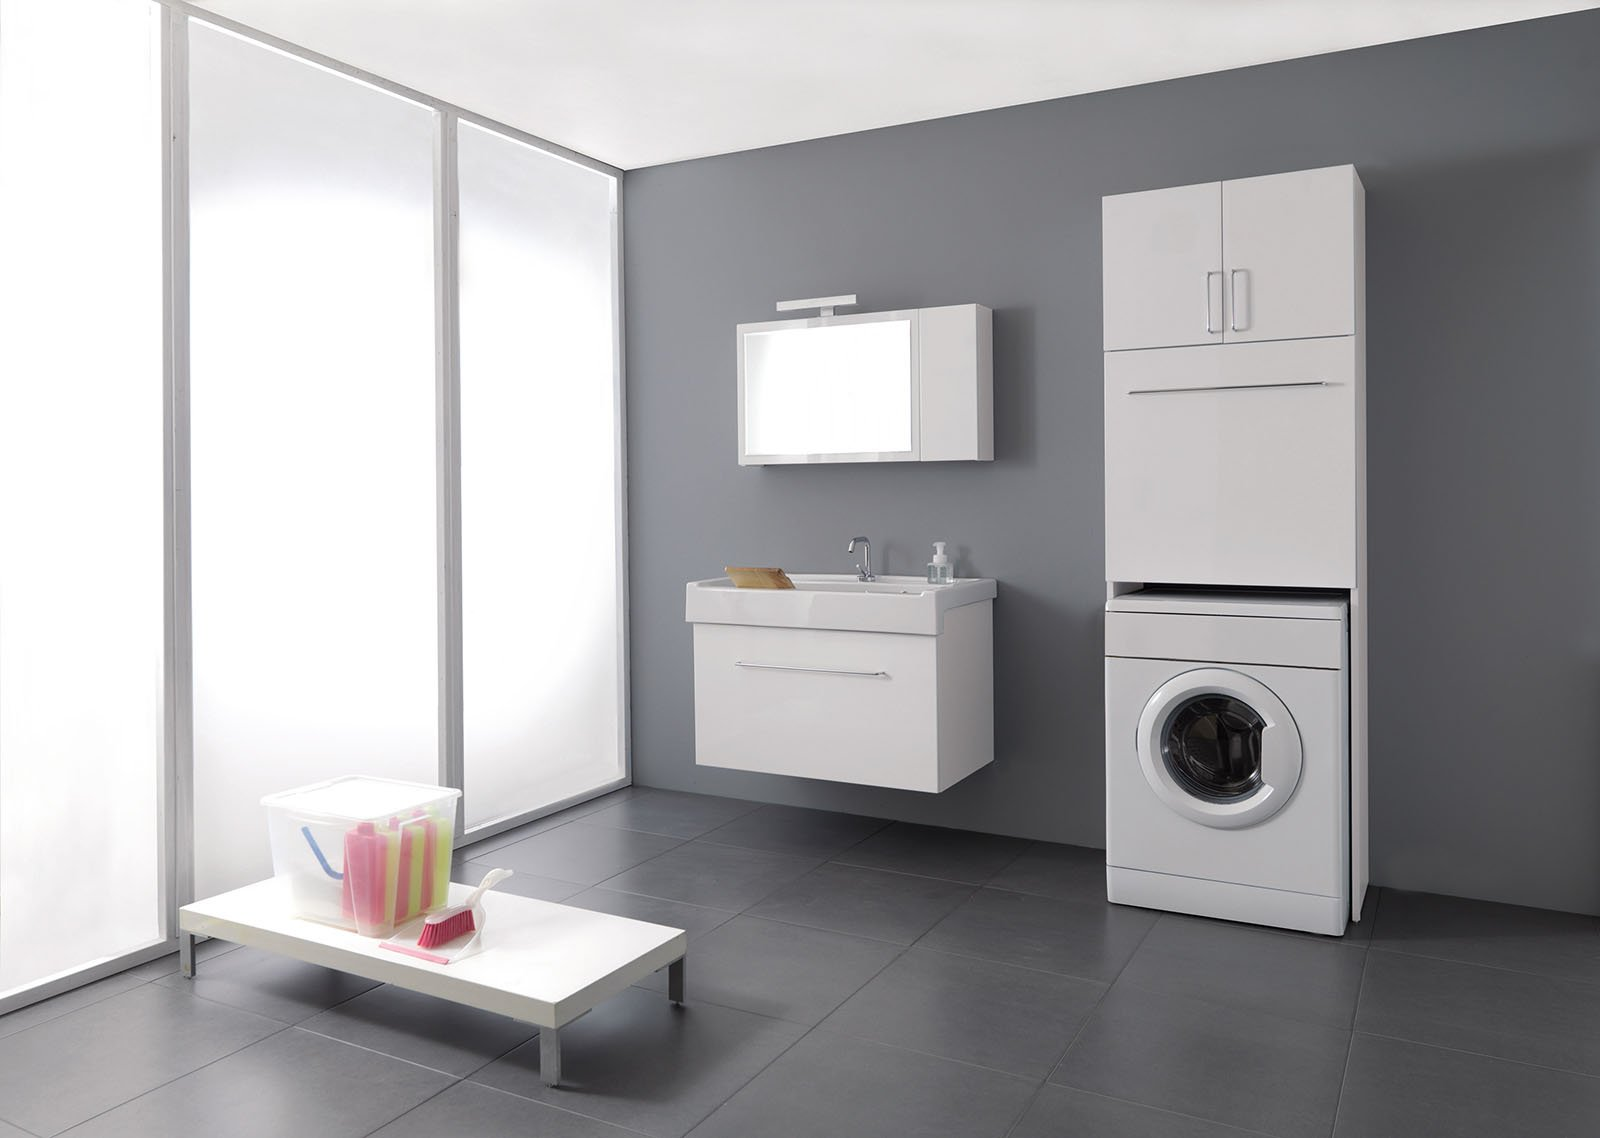 La lavanderia uno spazio per nascondere lavatrice e